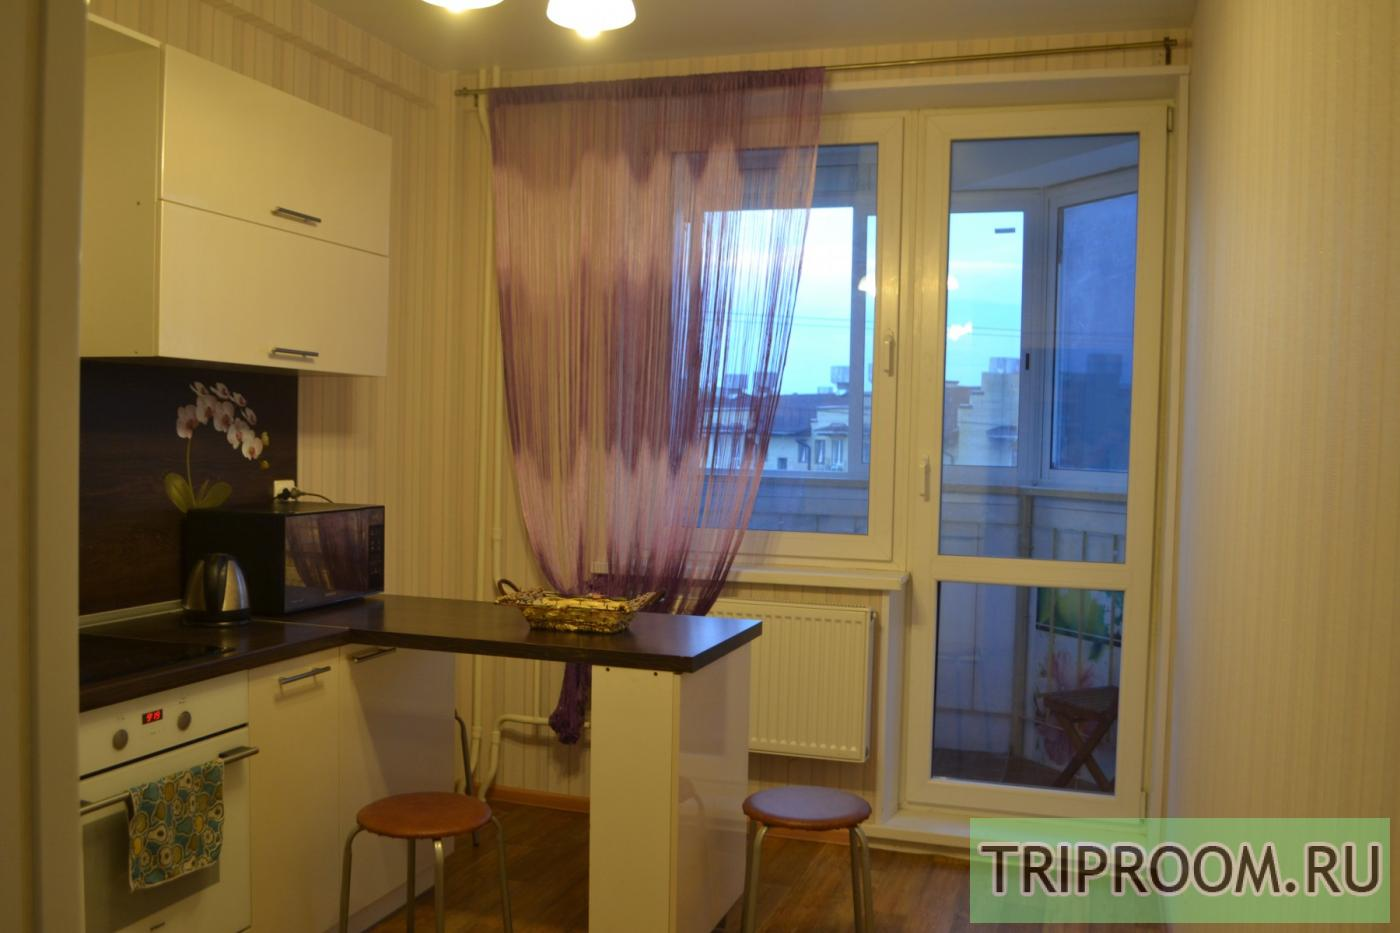 1-комнатная квартира посуточно (вариант № 23176), ул. улиуа Беляева, фото № 1